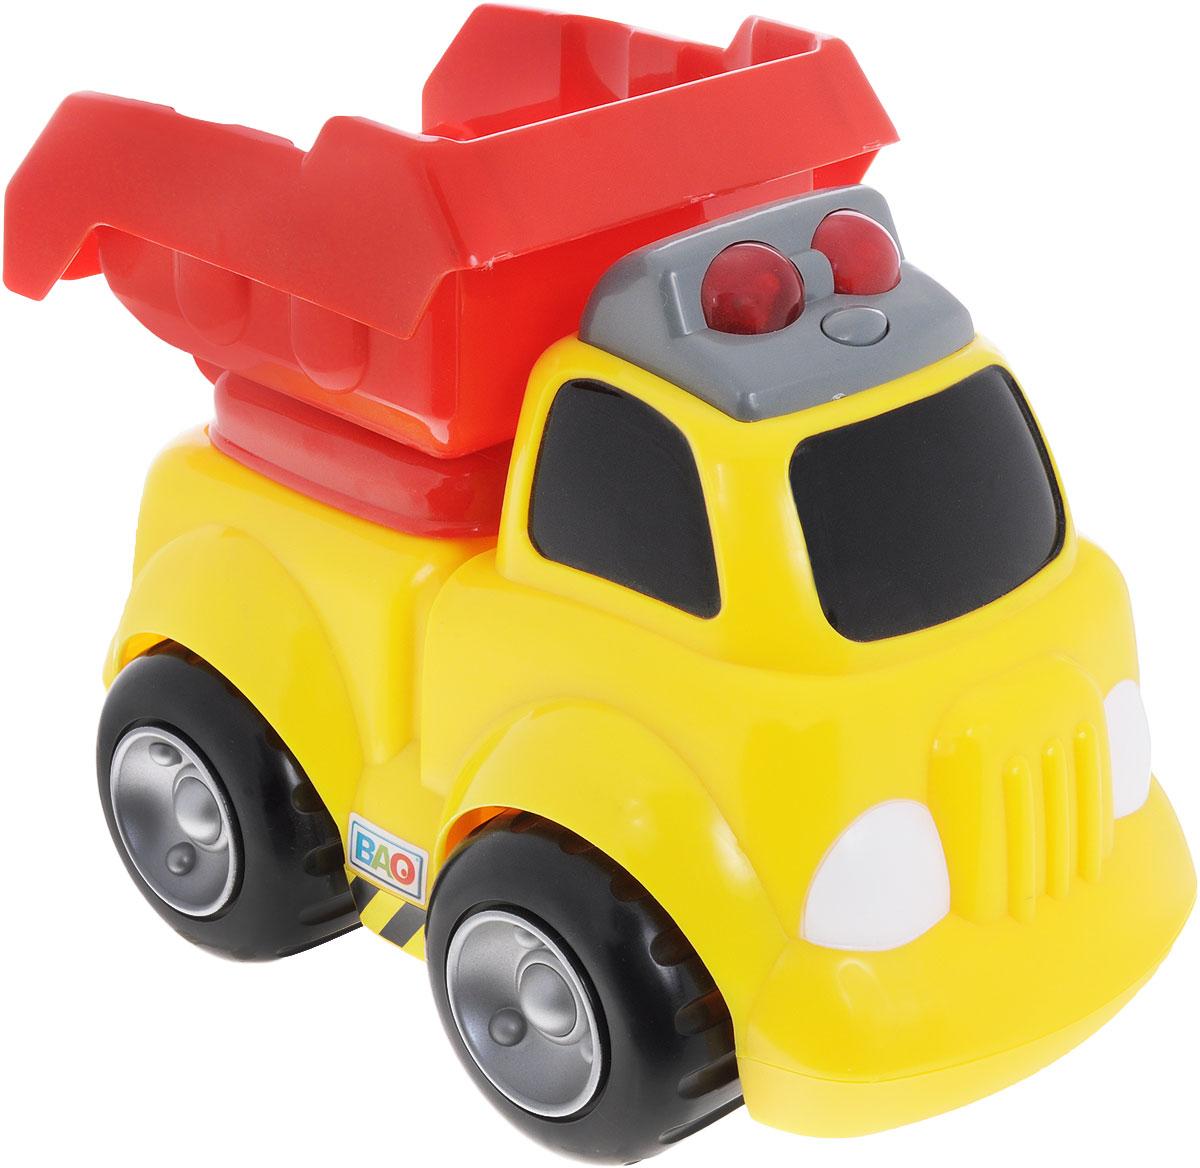 Bao Самосвал цвет желтый красный7983Красочный самосвал Bao обязательно придется по душе вашему малышу. Игрушка выполнена из высококачественного прочного пластика, не имеет острых углов и мелких деталей и идеально подходит для детей от 12 месяцев. При нажатии на кнопу, расположенную на крыше кабины, машинка издает звуки работающего двигателя и мигает огоньками. Такая игрушка способствует развитию у малыша тактильных ощущений, мелкой моторики рук и координации движений. Для работы игрушки необходимы 2 батарейки типа АА (товар комплектуется демонстрационными).